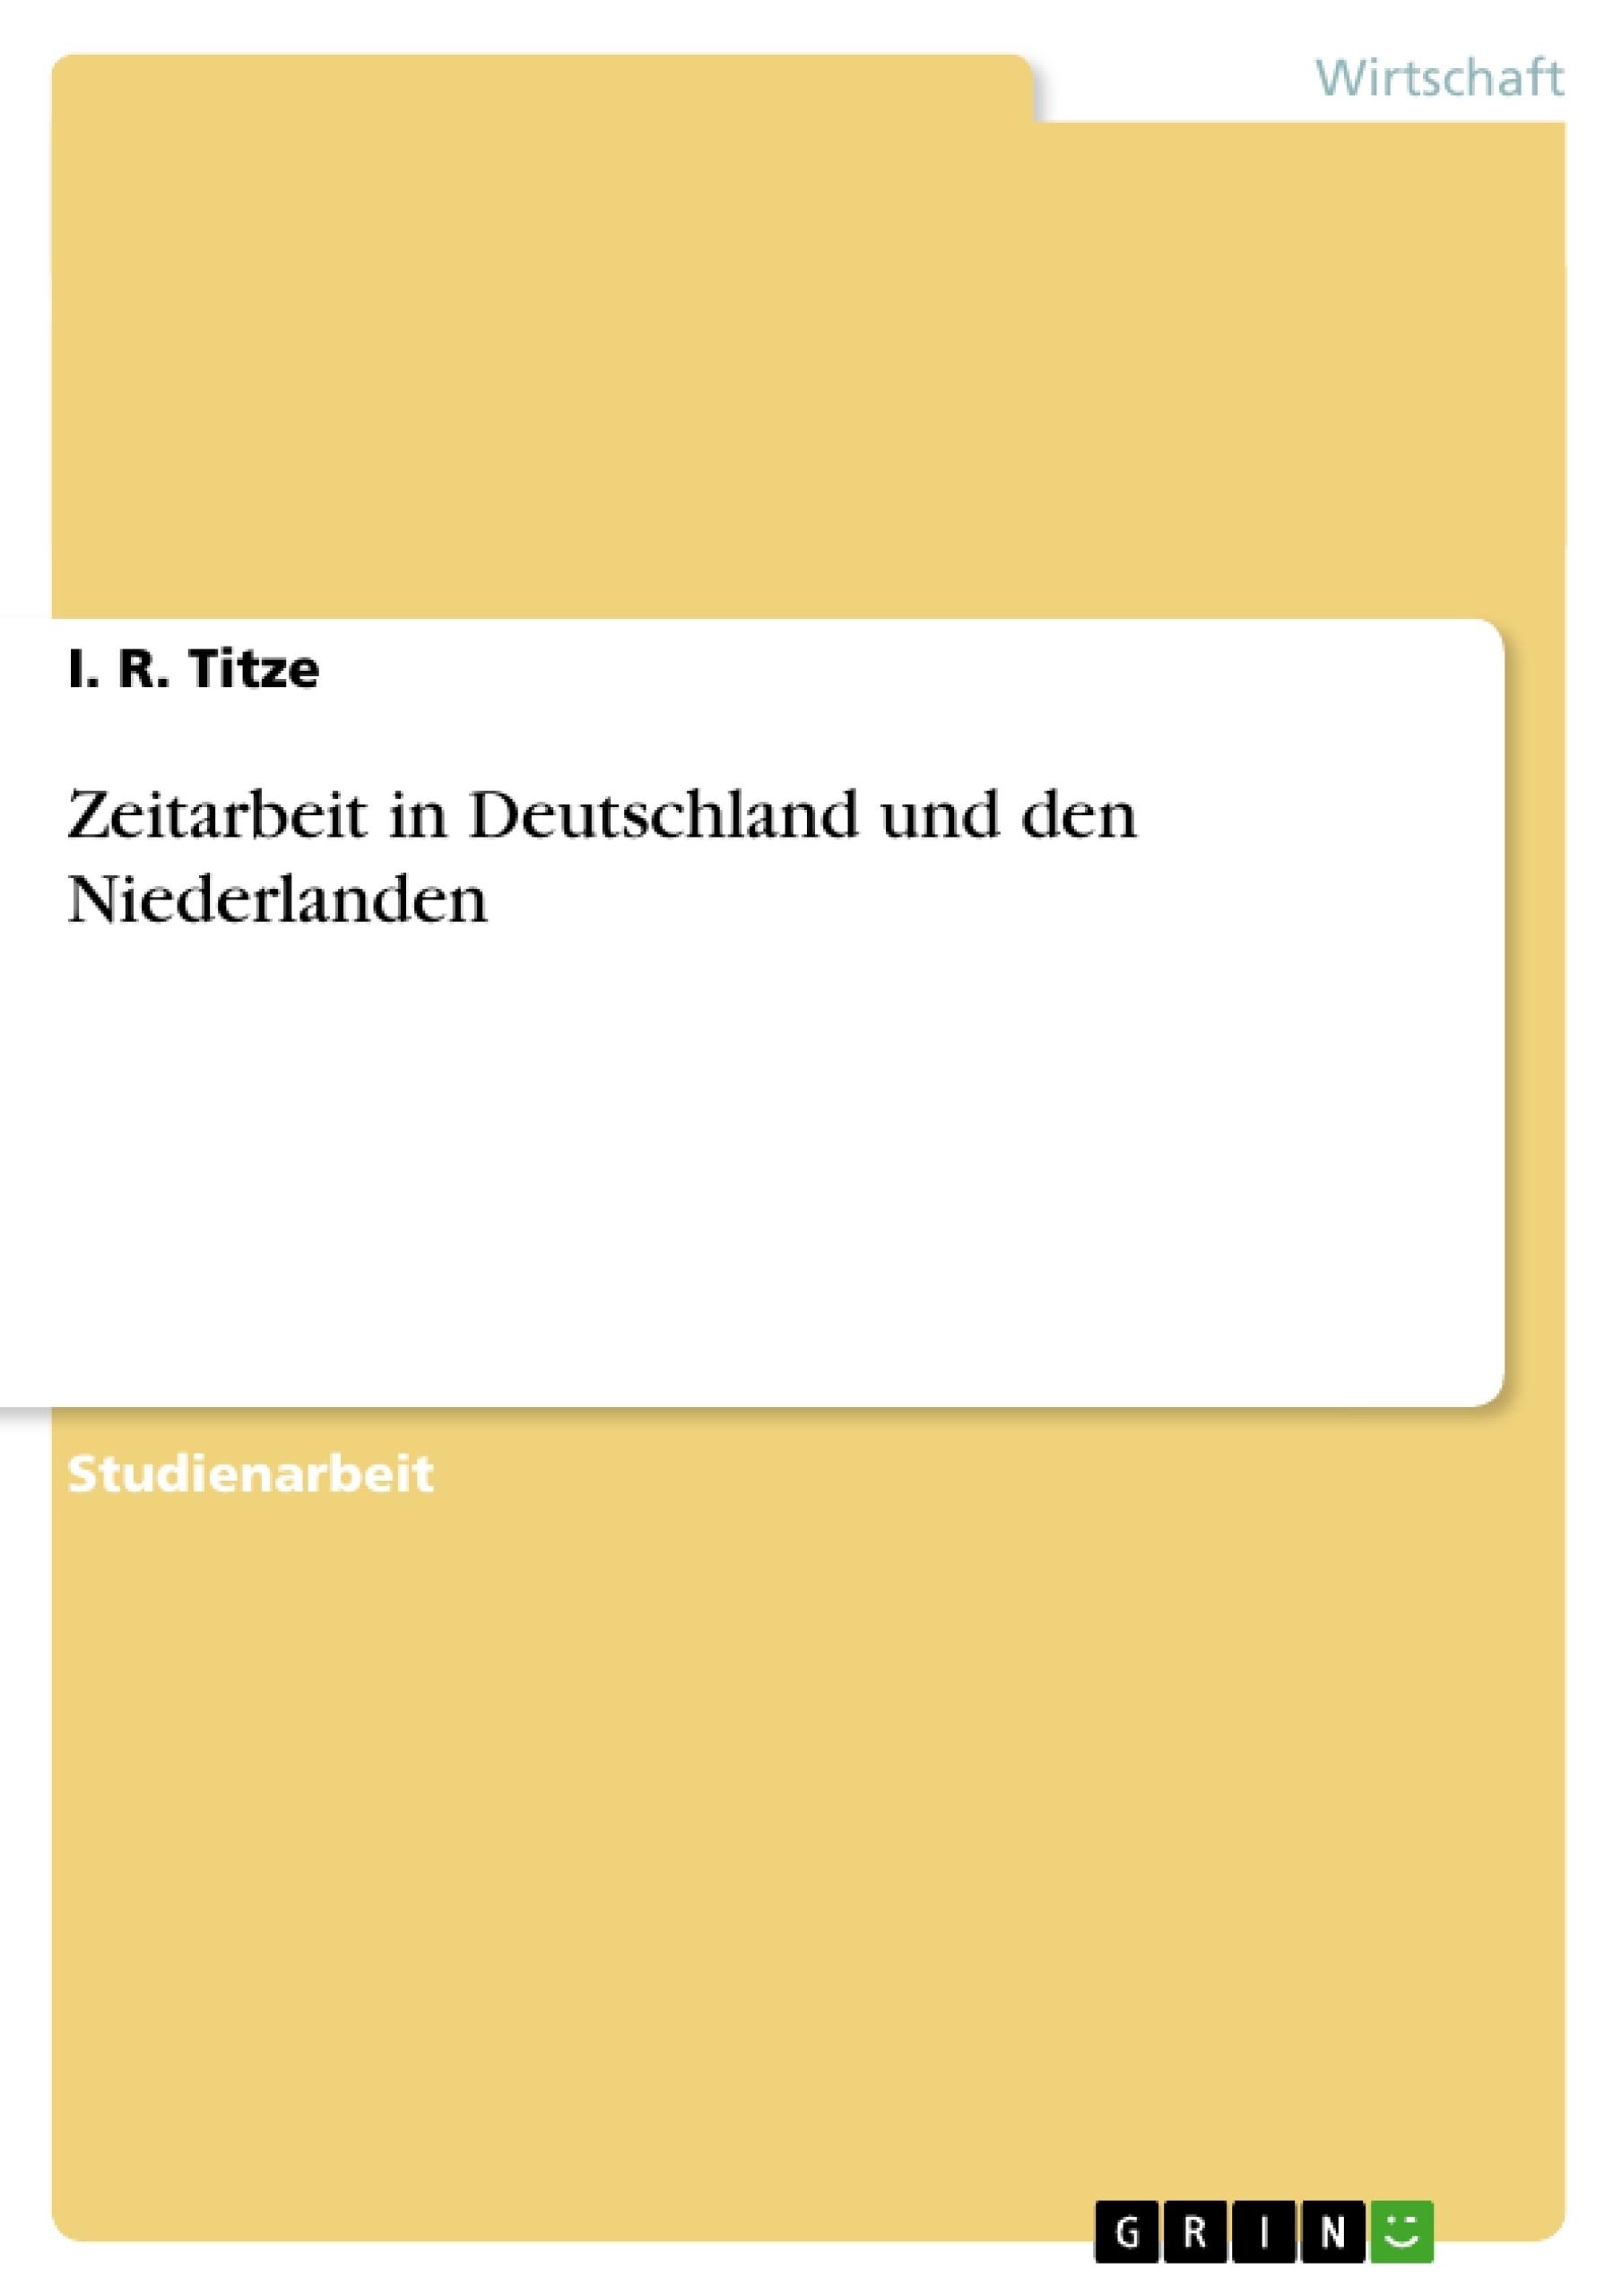 Titel: Zeitarbeit in Deutschland und den Niederlanden